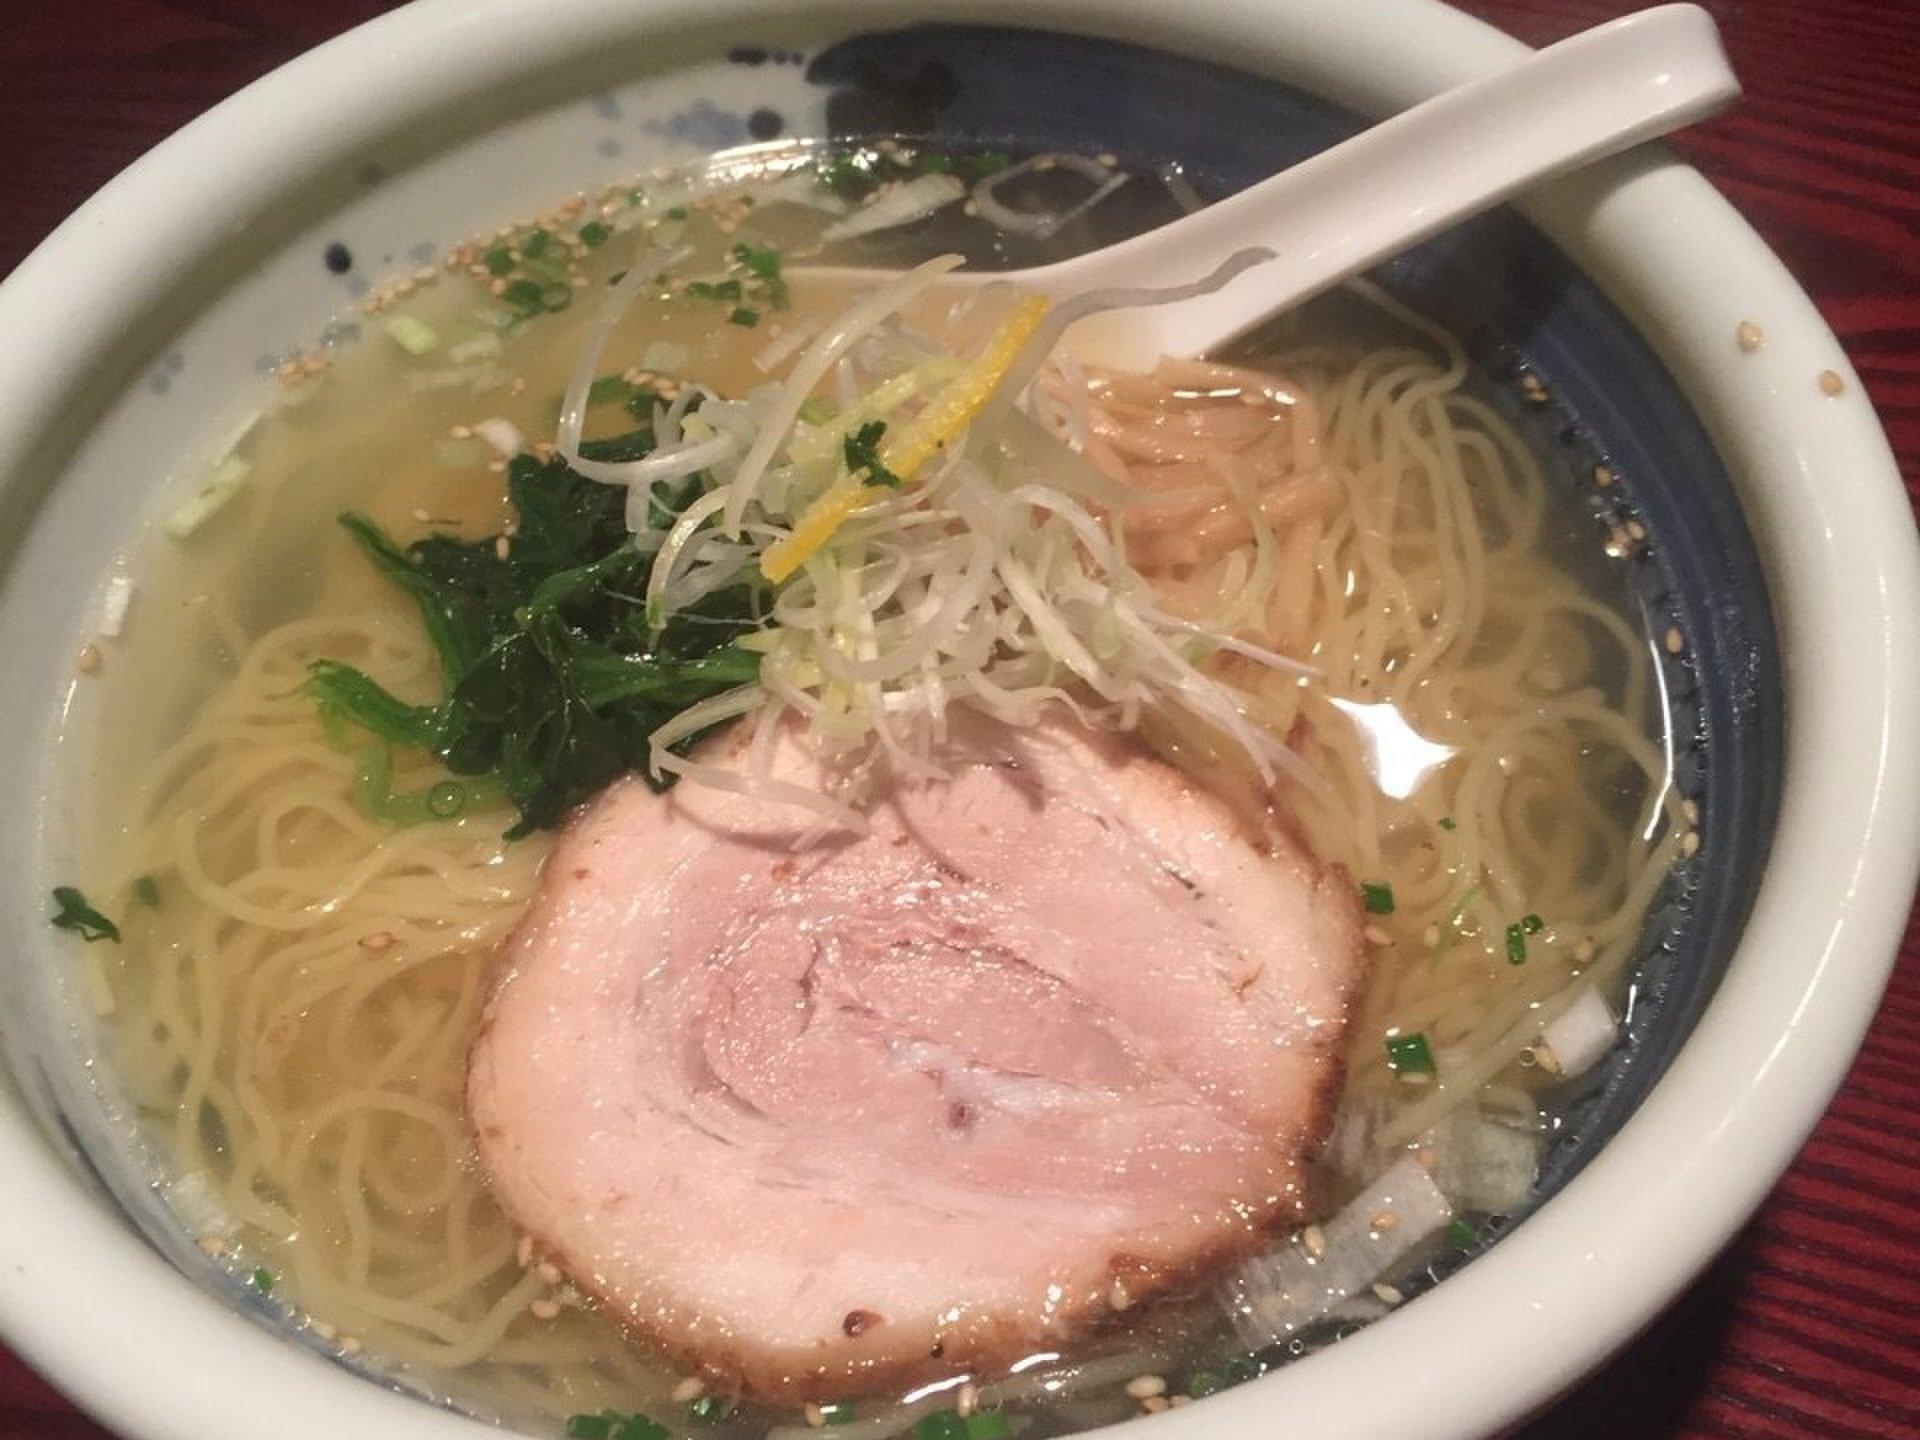 【渋谷×ラーメン】食べログ3.5以上!絶品あっさり塩ラーメンを食べるならここ!